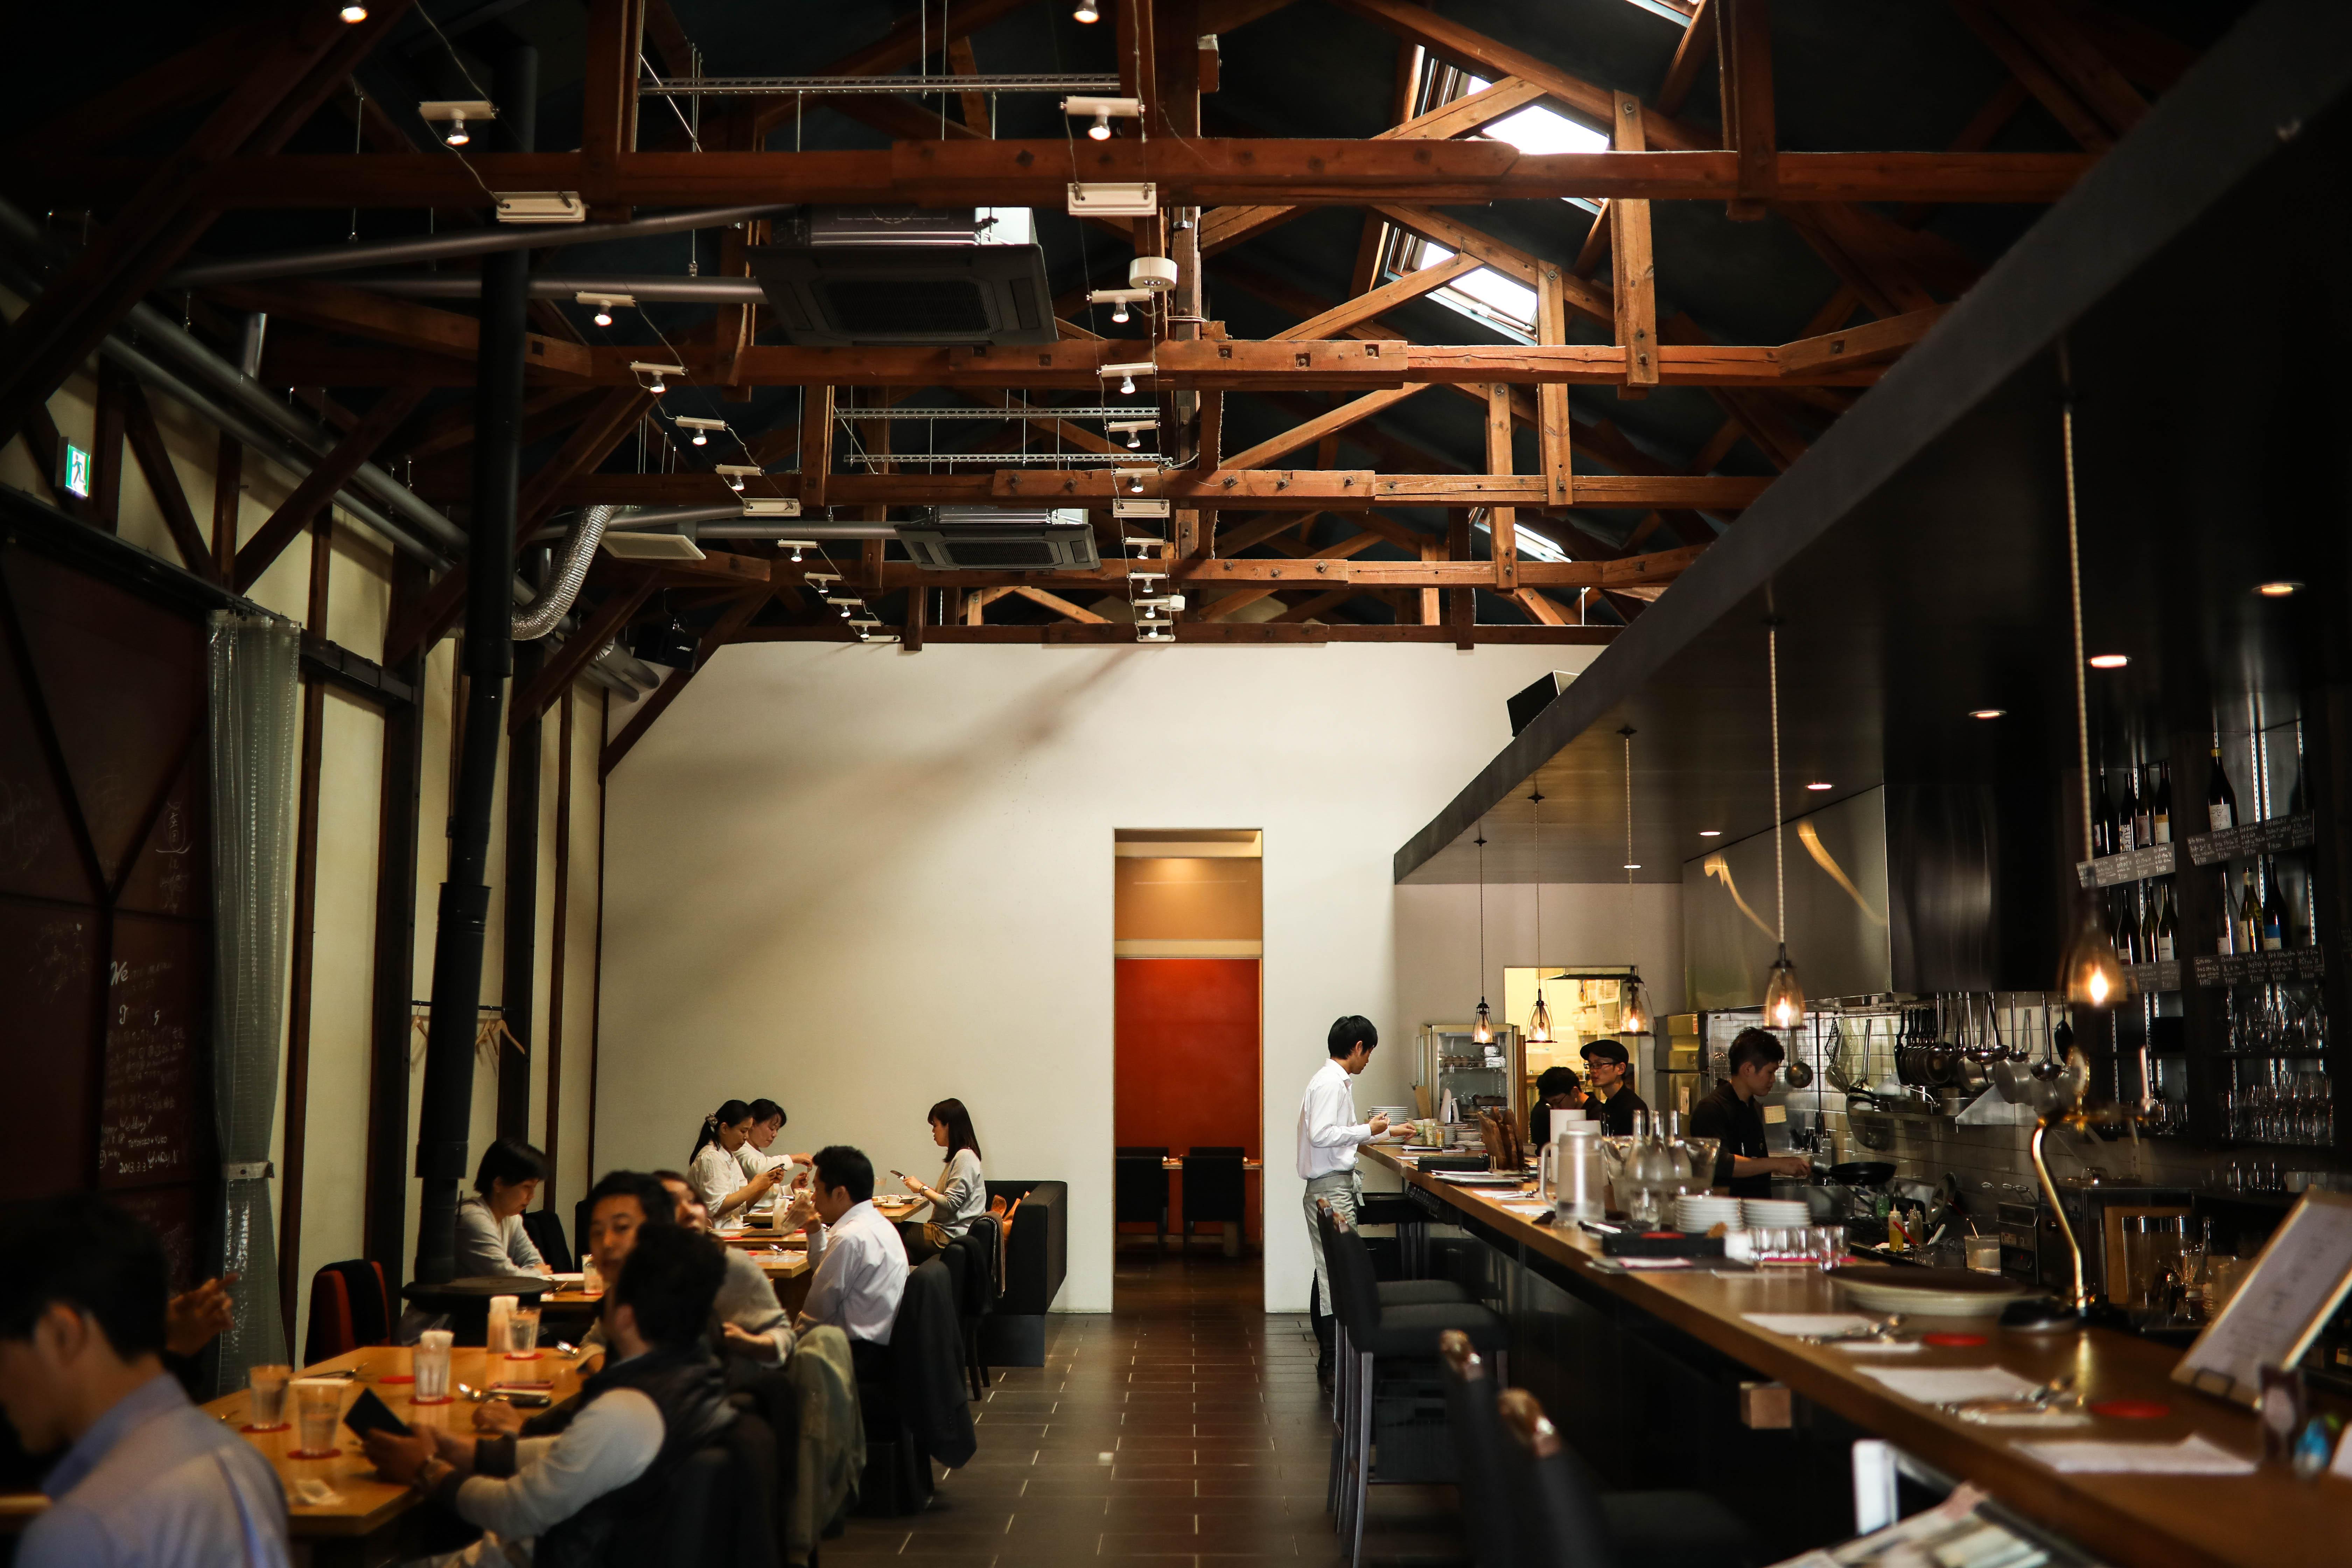 土佐バル|藁工ミュージアム(蛸蔵 )に隣接したレストラン